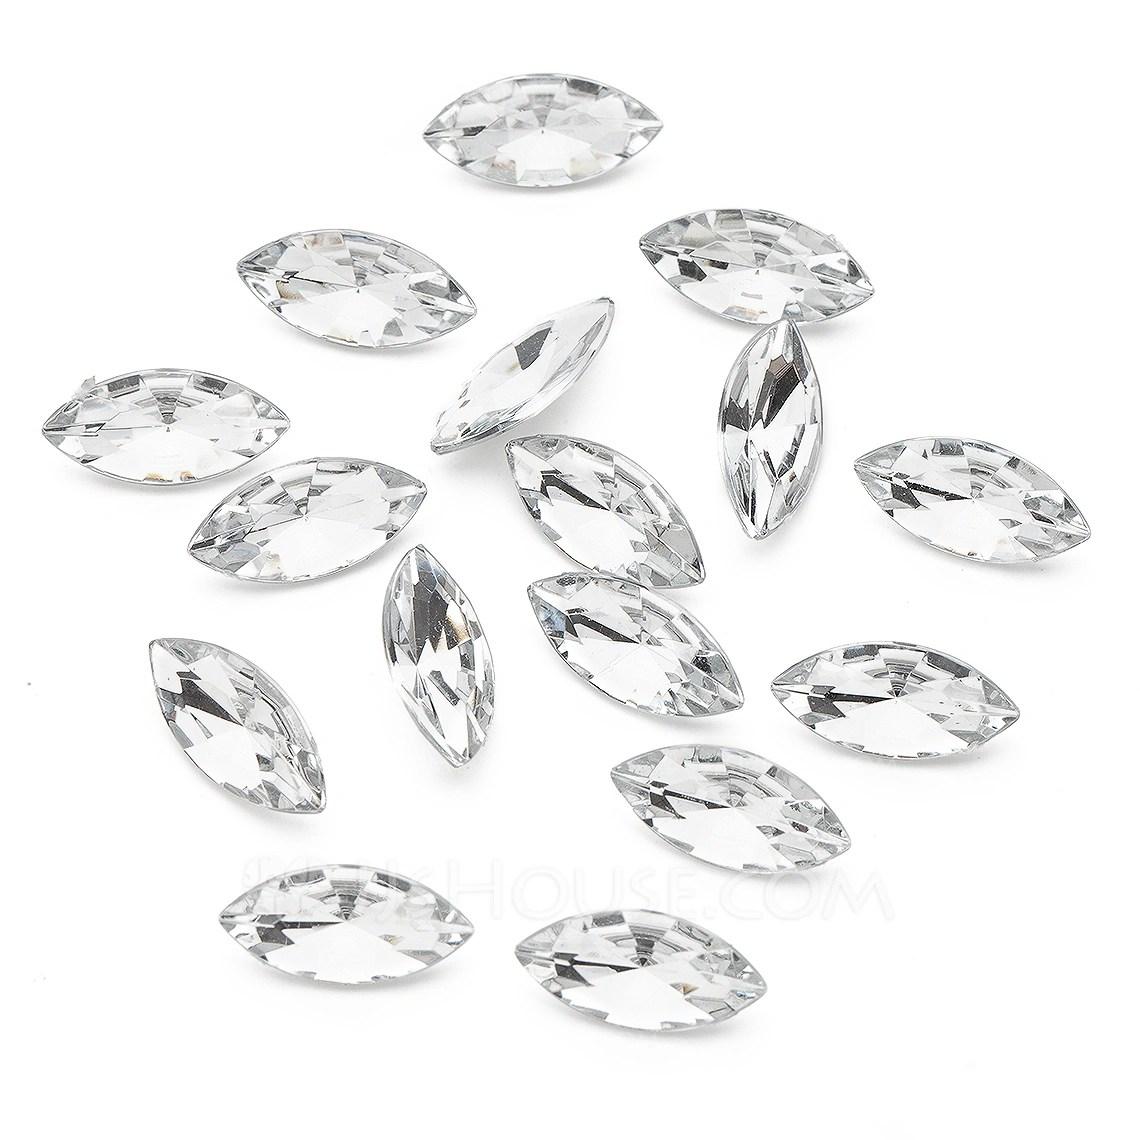 Bright Acrylic Diamond Pieces Bag Of 266